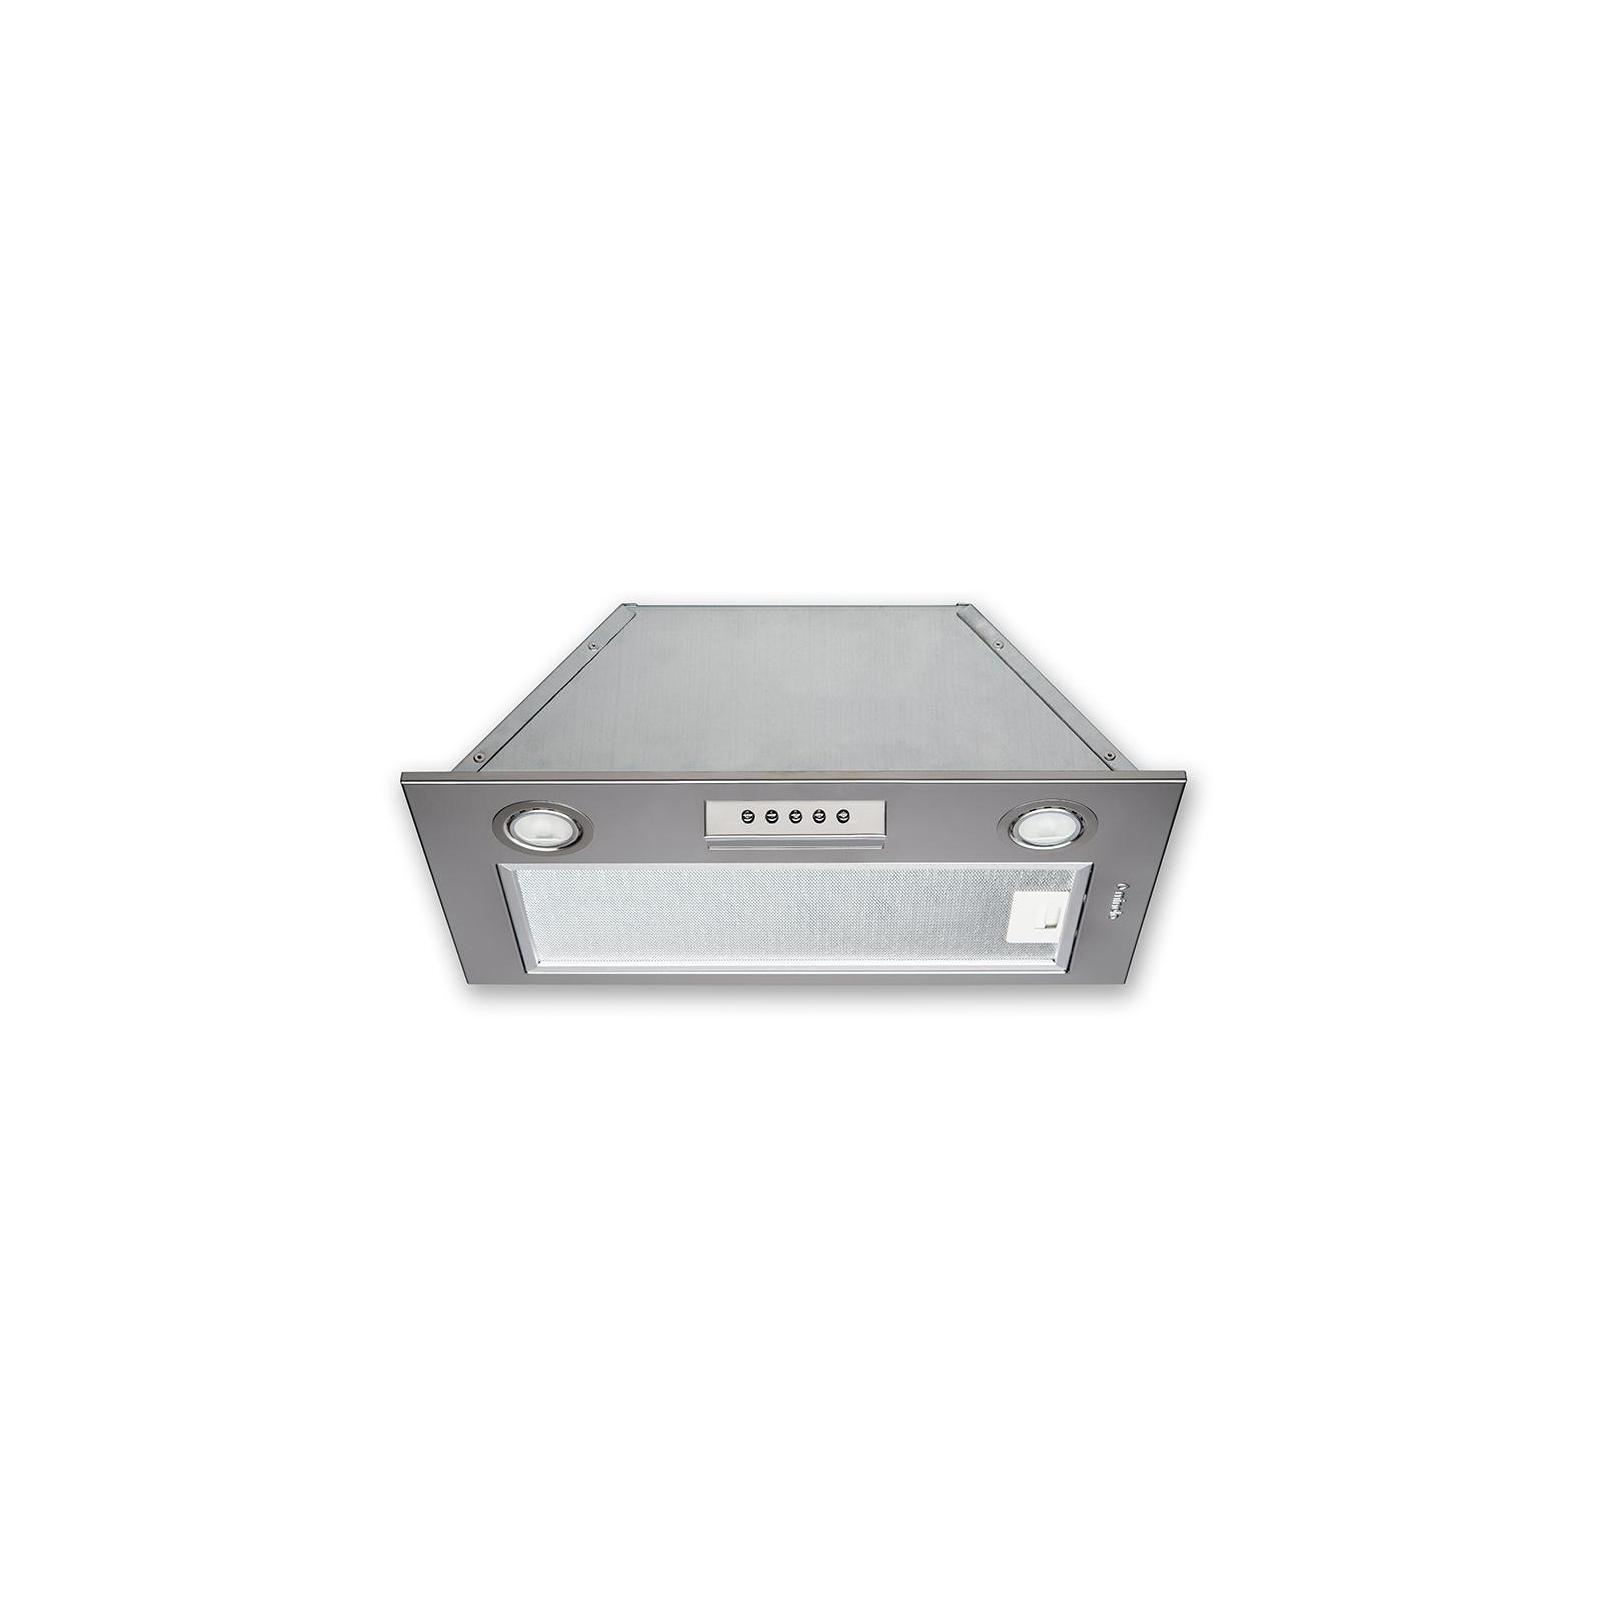 Вытяжка кухонная MINOLA HBI 5321 I 750 изображение 2